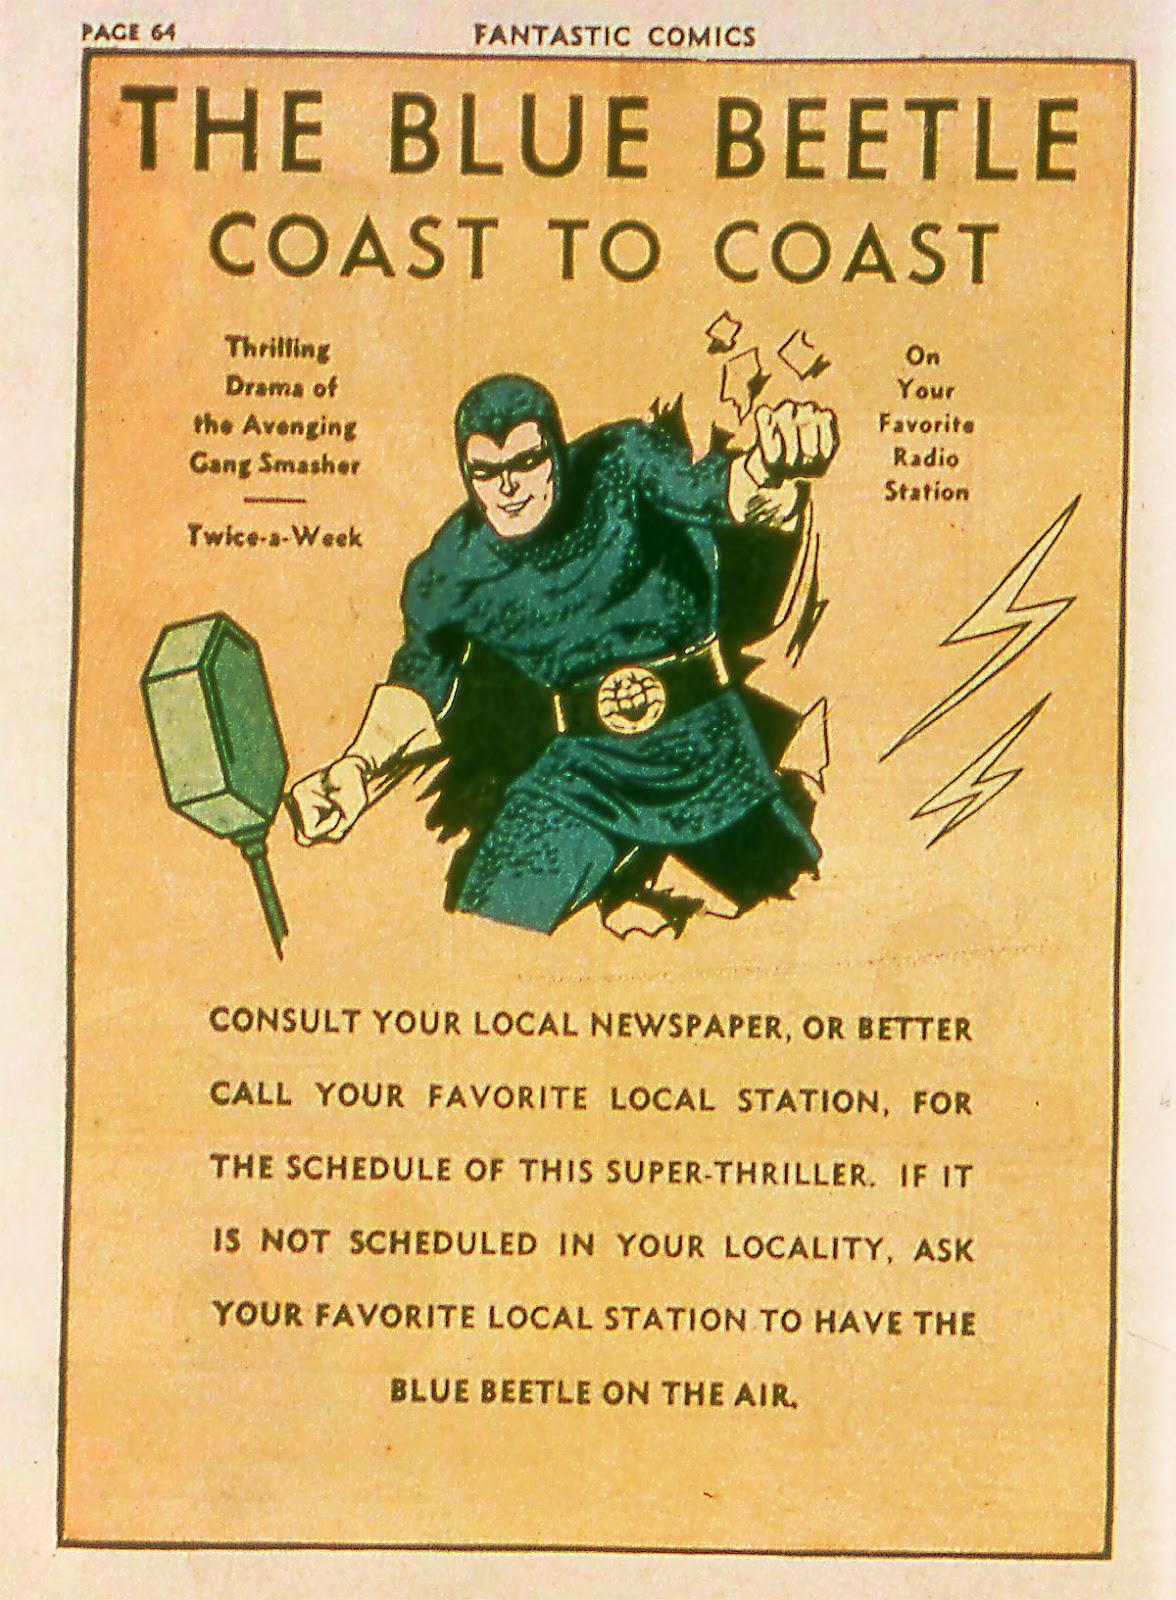 Read online Fantastic Comics comic -  Issue #18 - 66